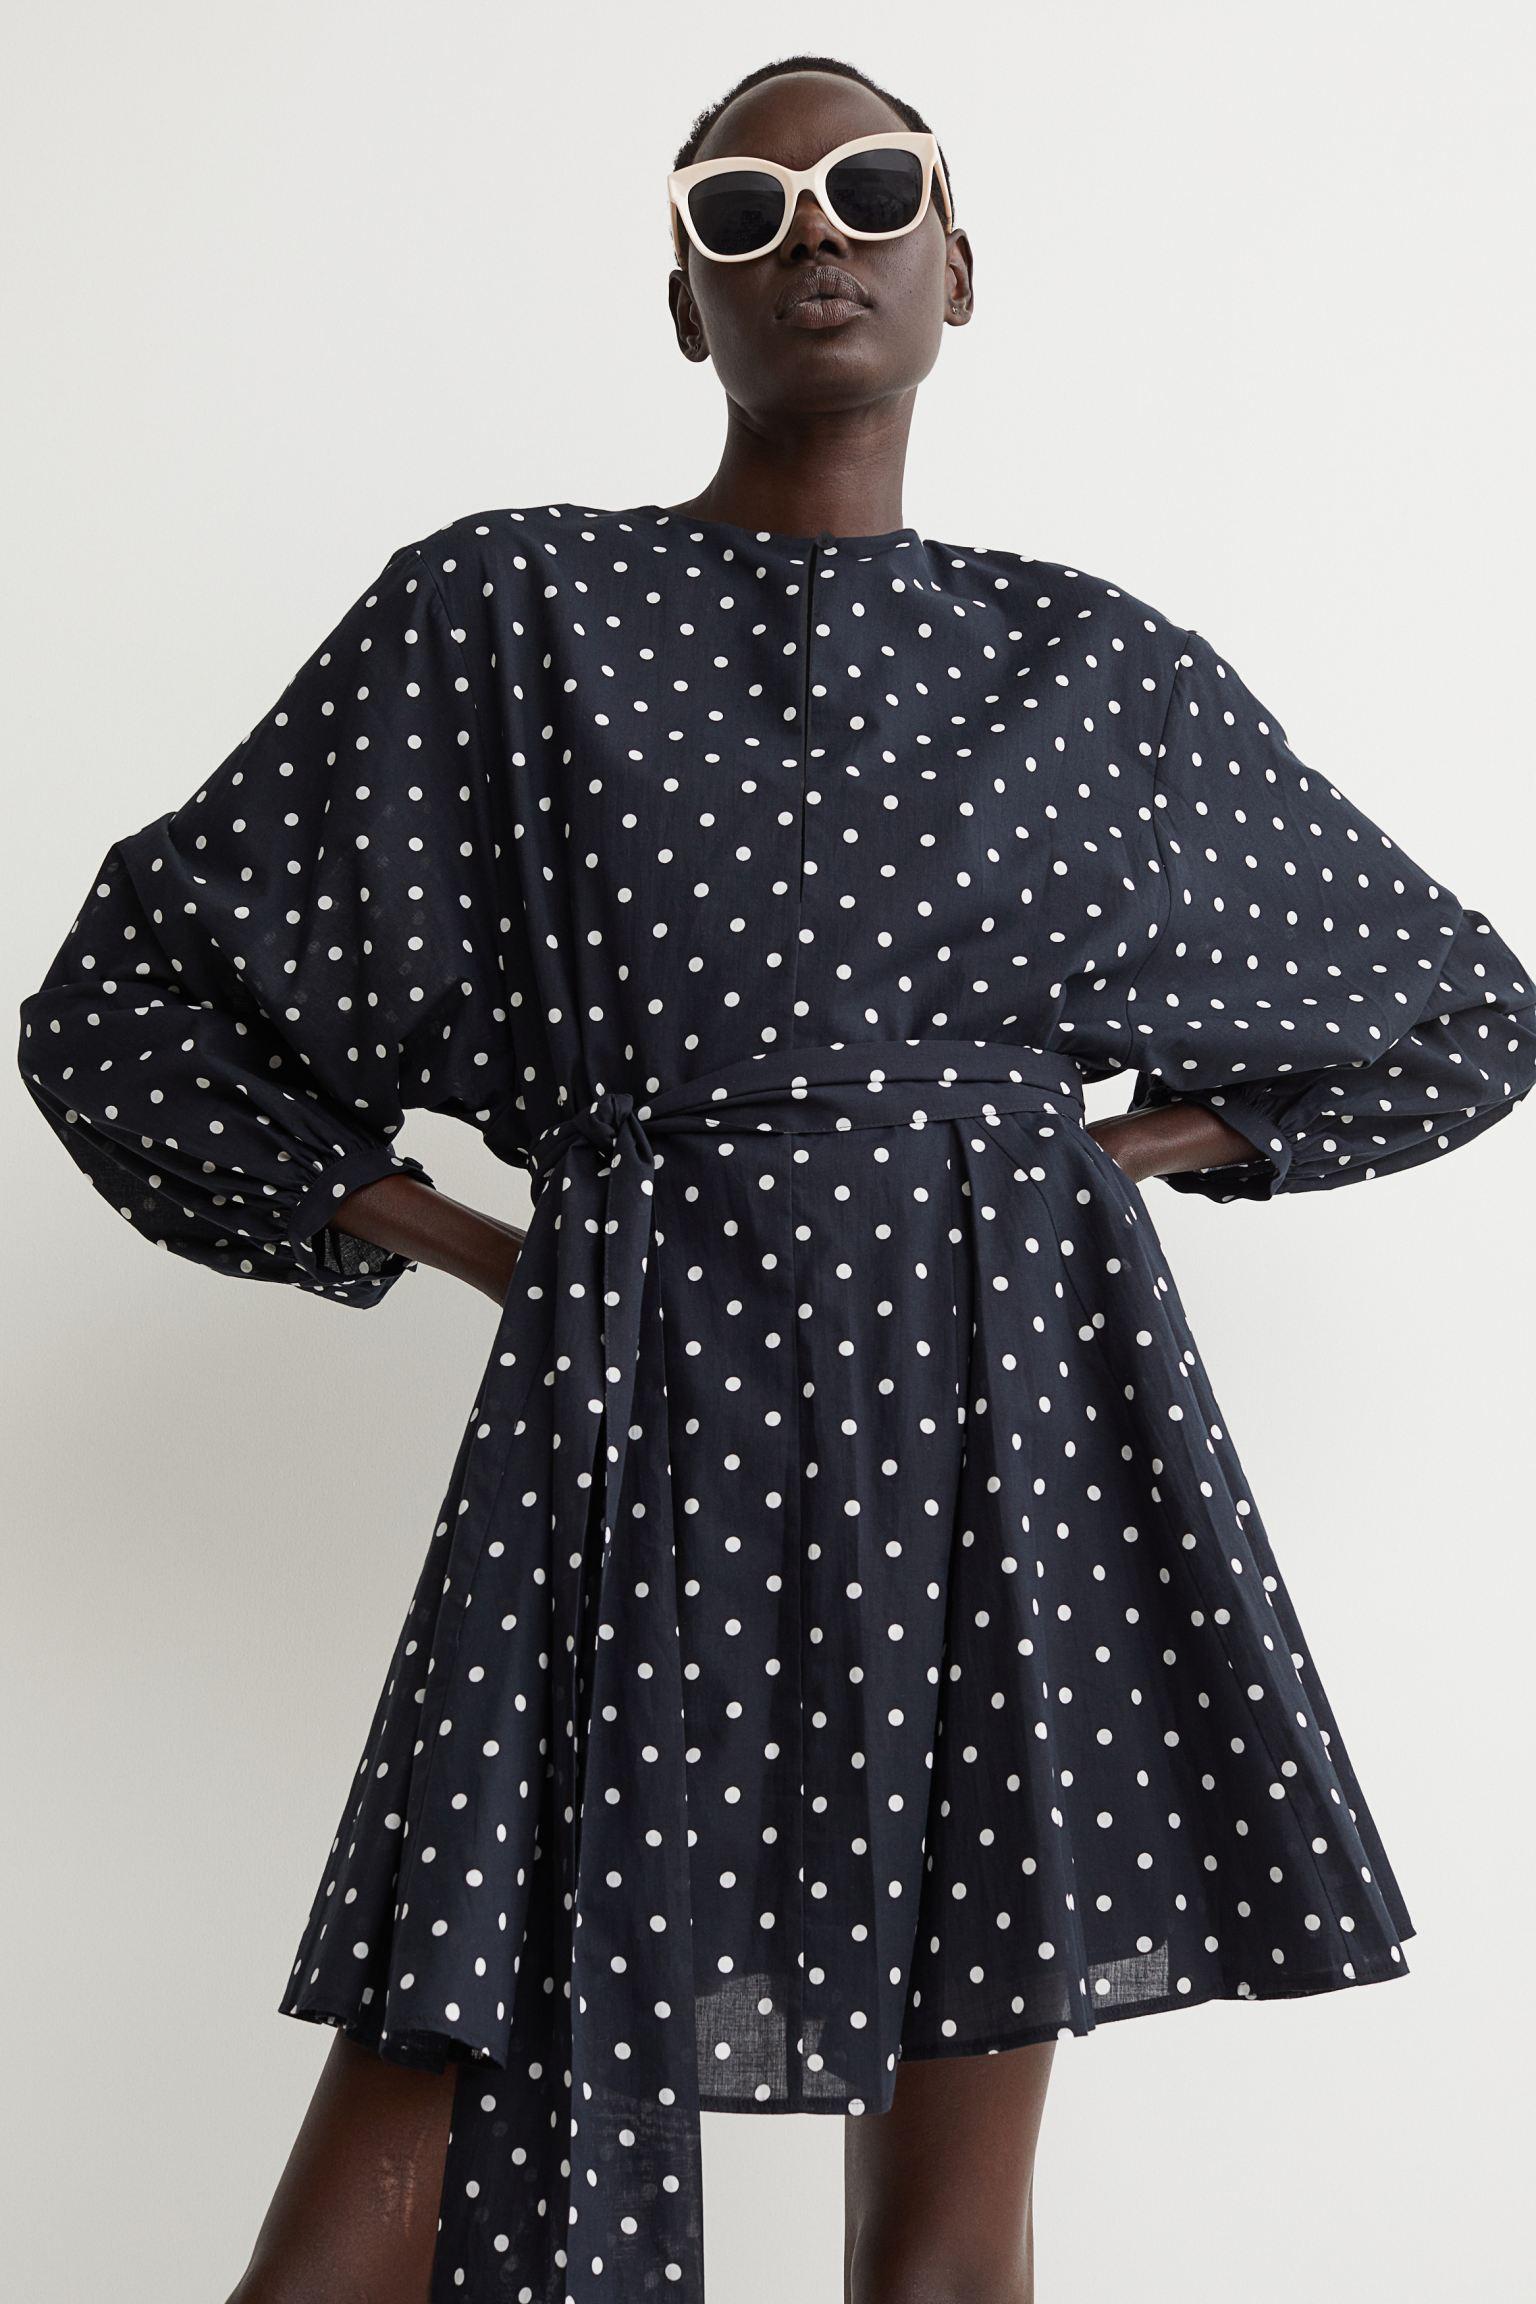 Vestido corto en tejido de algodón con cuello redondo y abertura profunda delante con cierre de corchete oculto y botón arriba